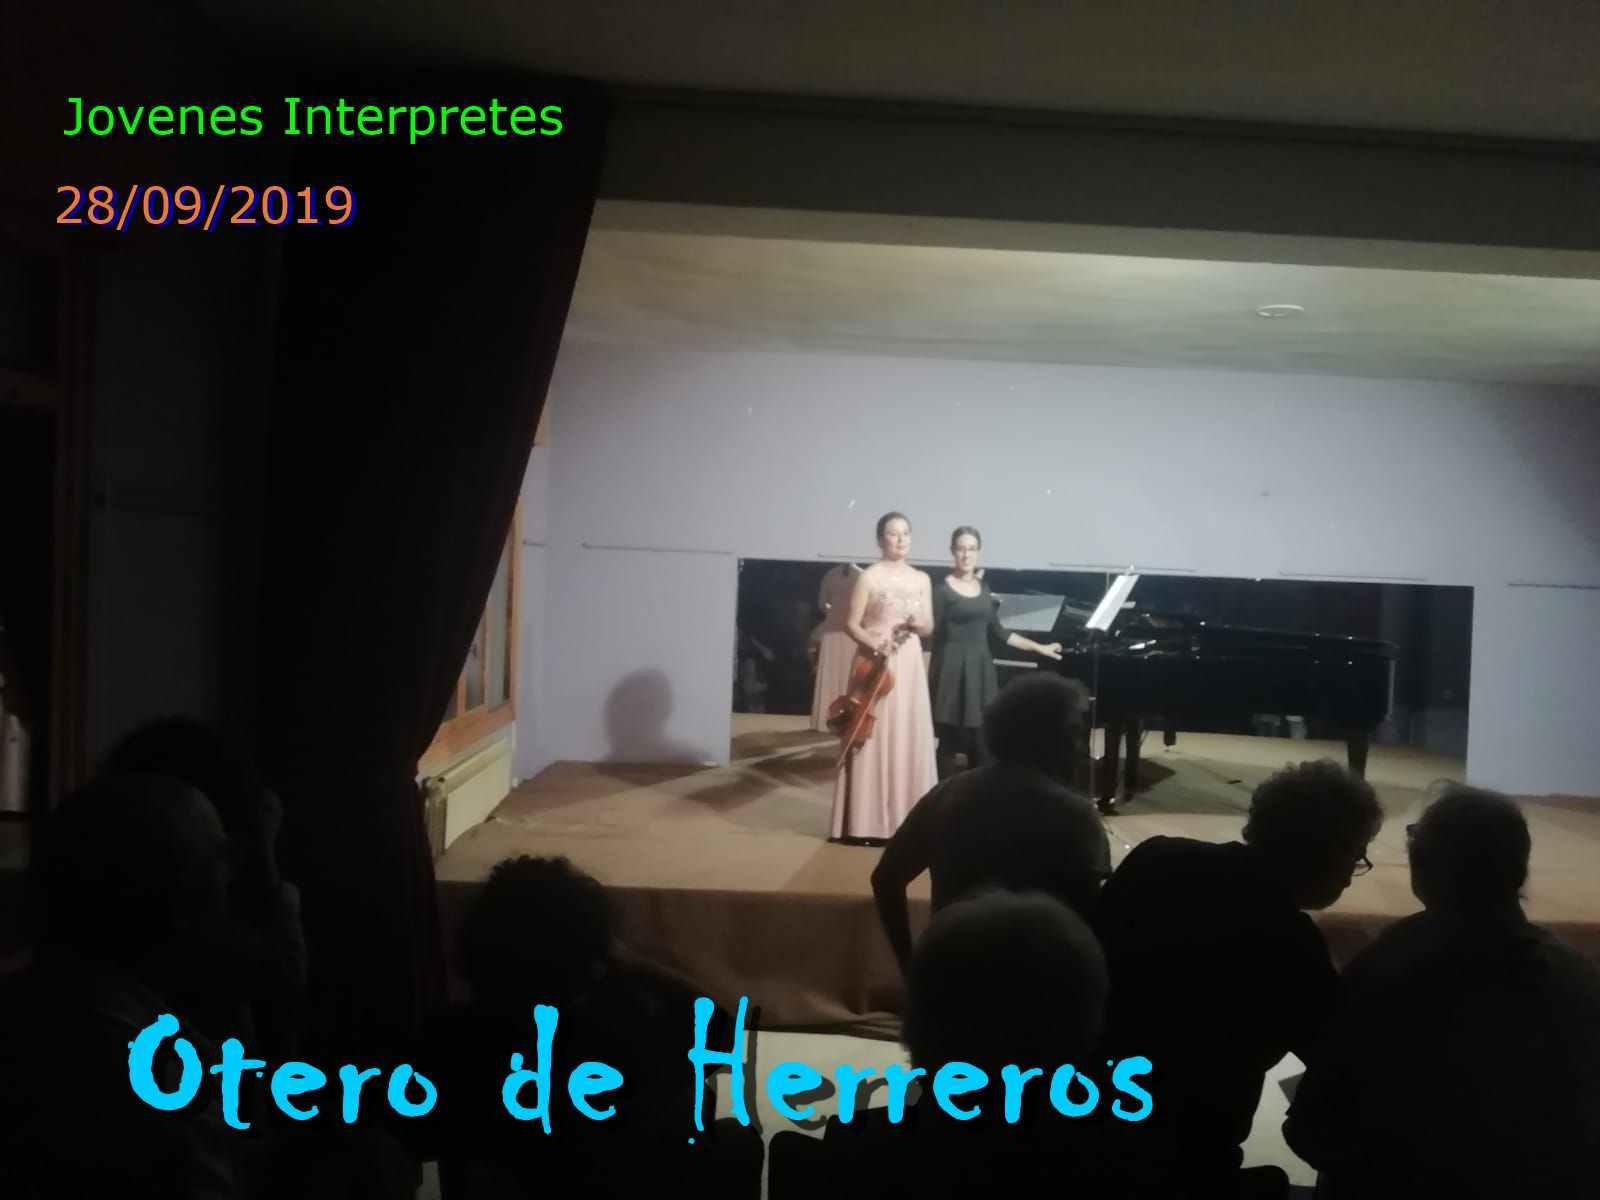 jovenes-interpretes-1